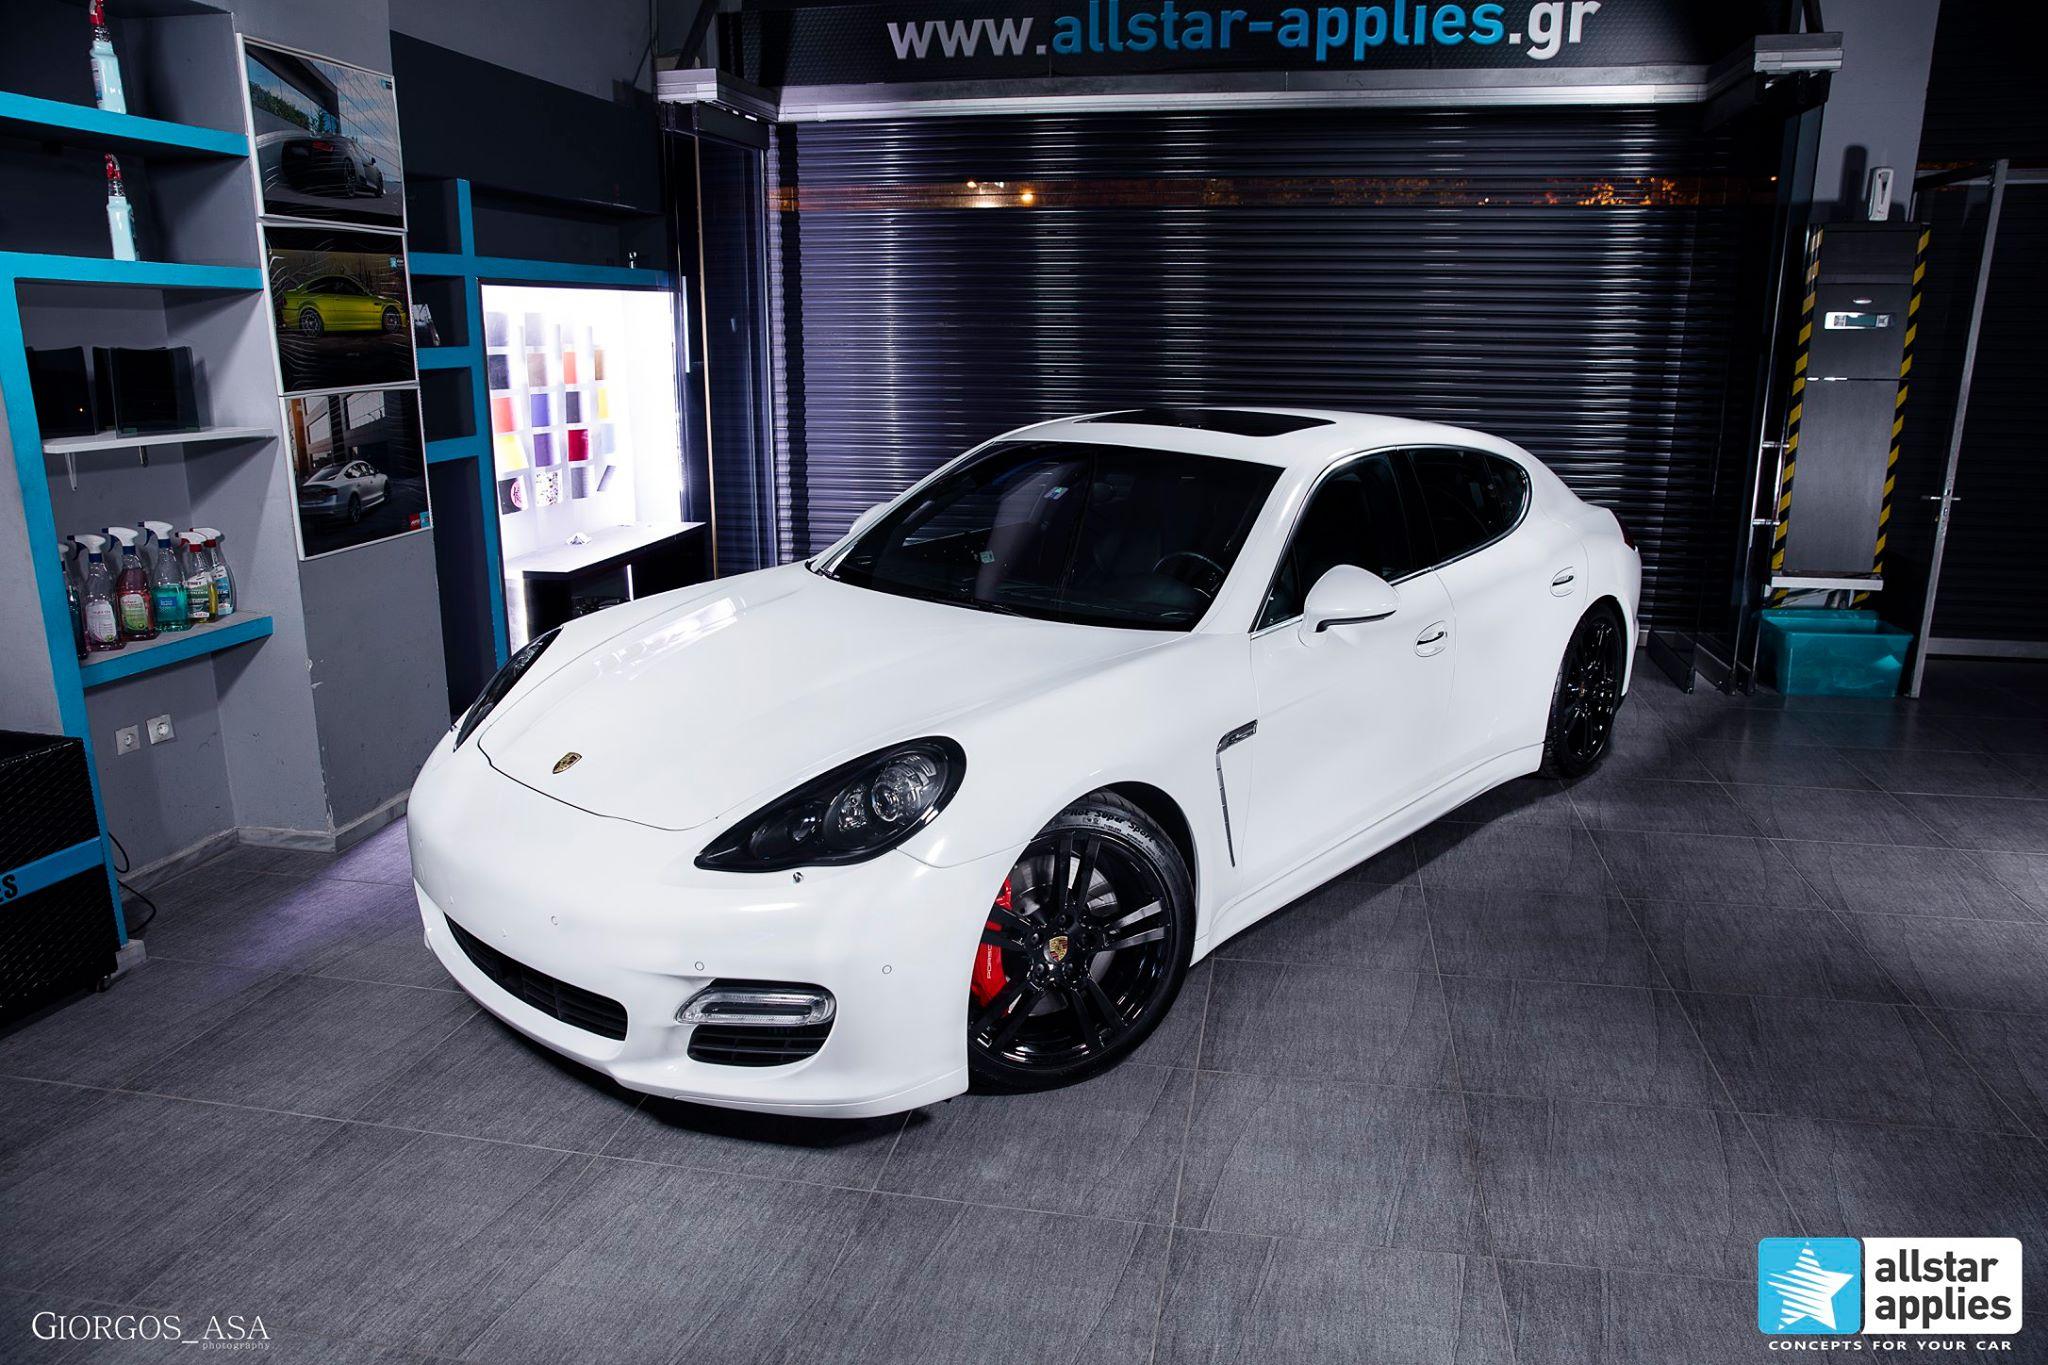 Porsche Panamera Turbo S – White Metallic (3)